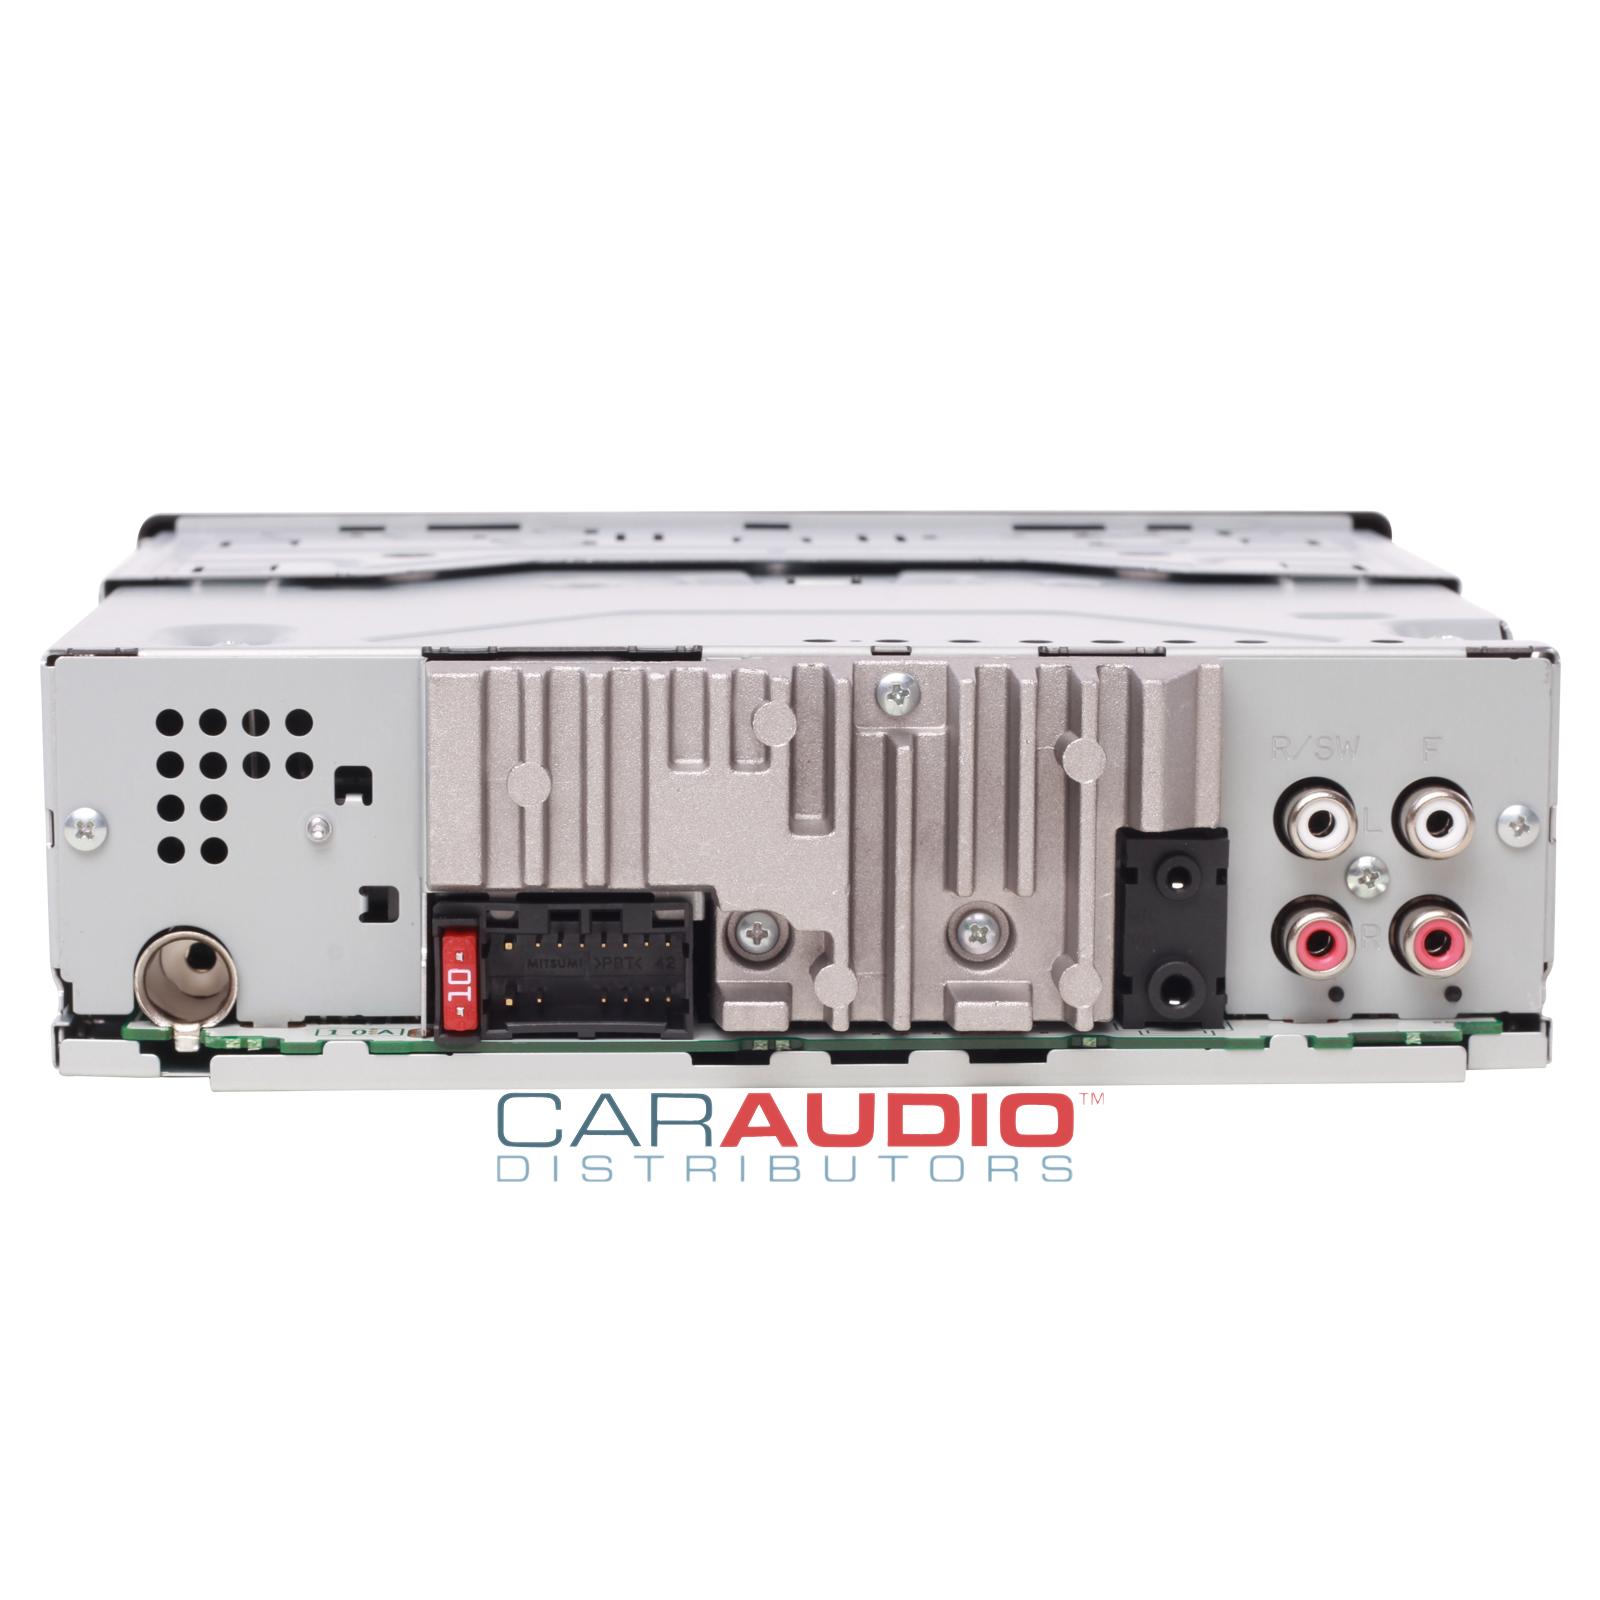 wiring diagram for pioneer car stereo deh p3500 stewart warner fuel gauge 3200ub get